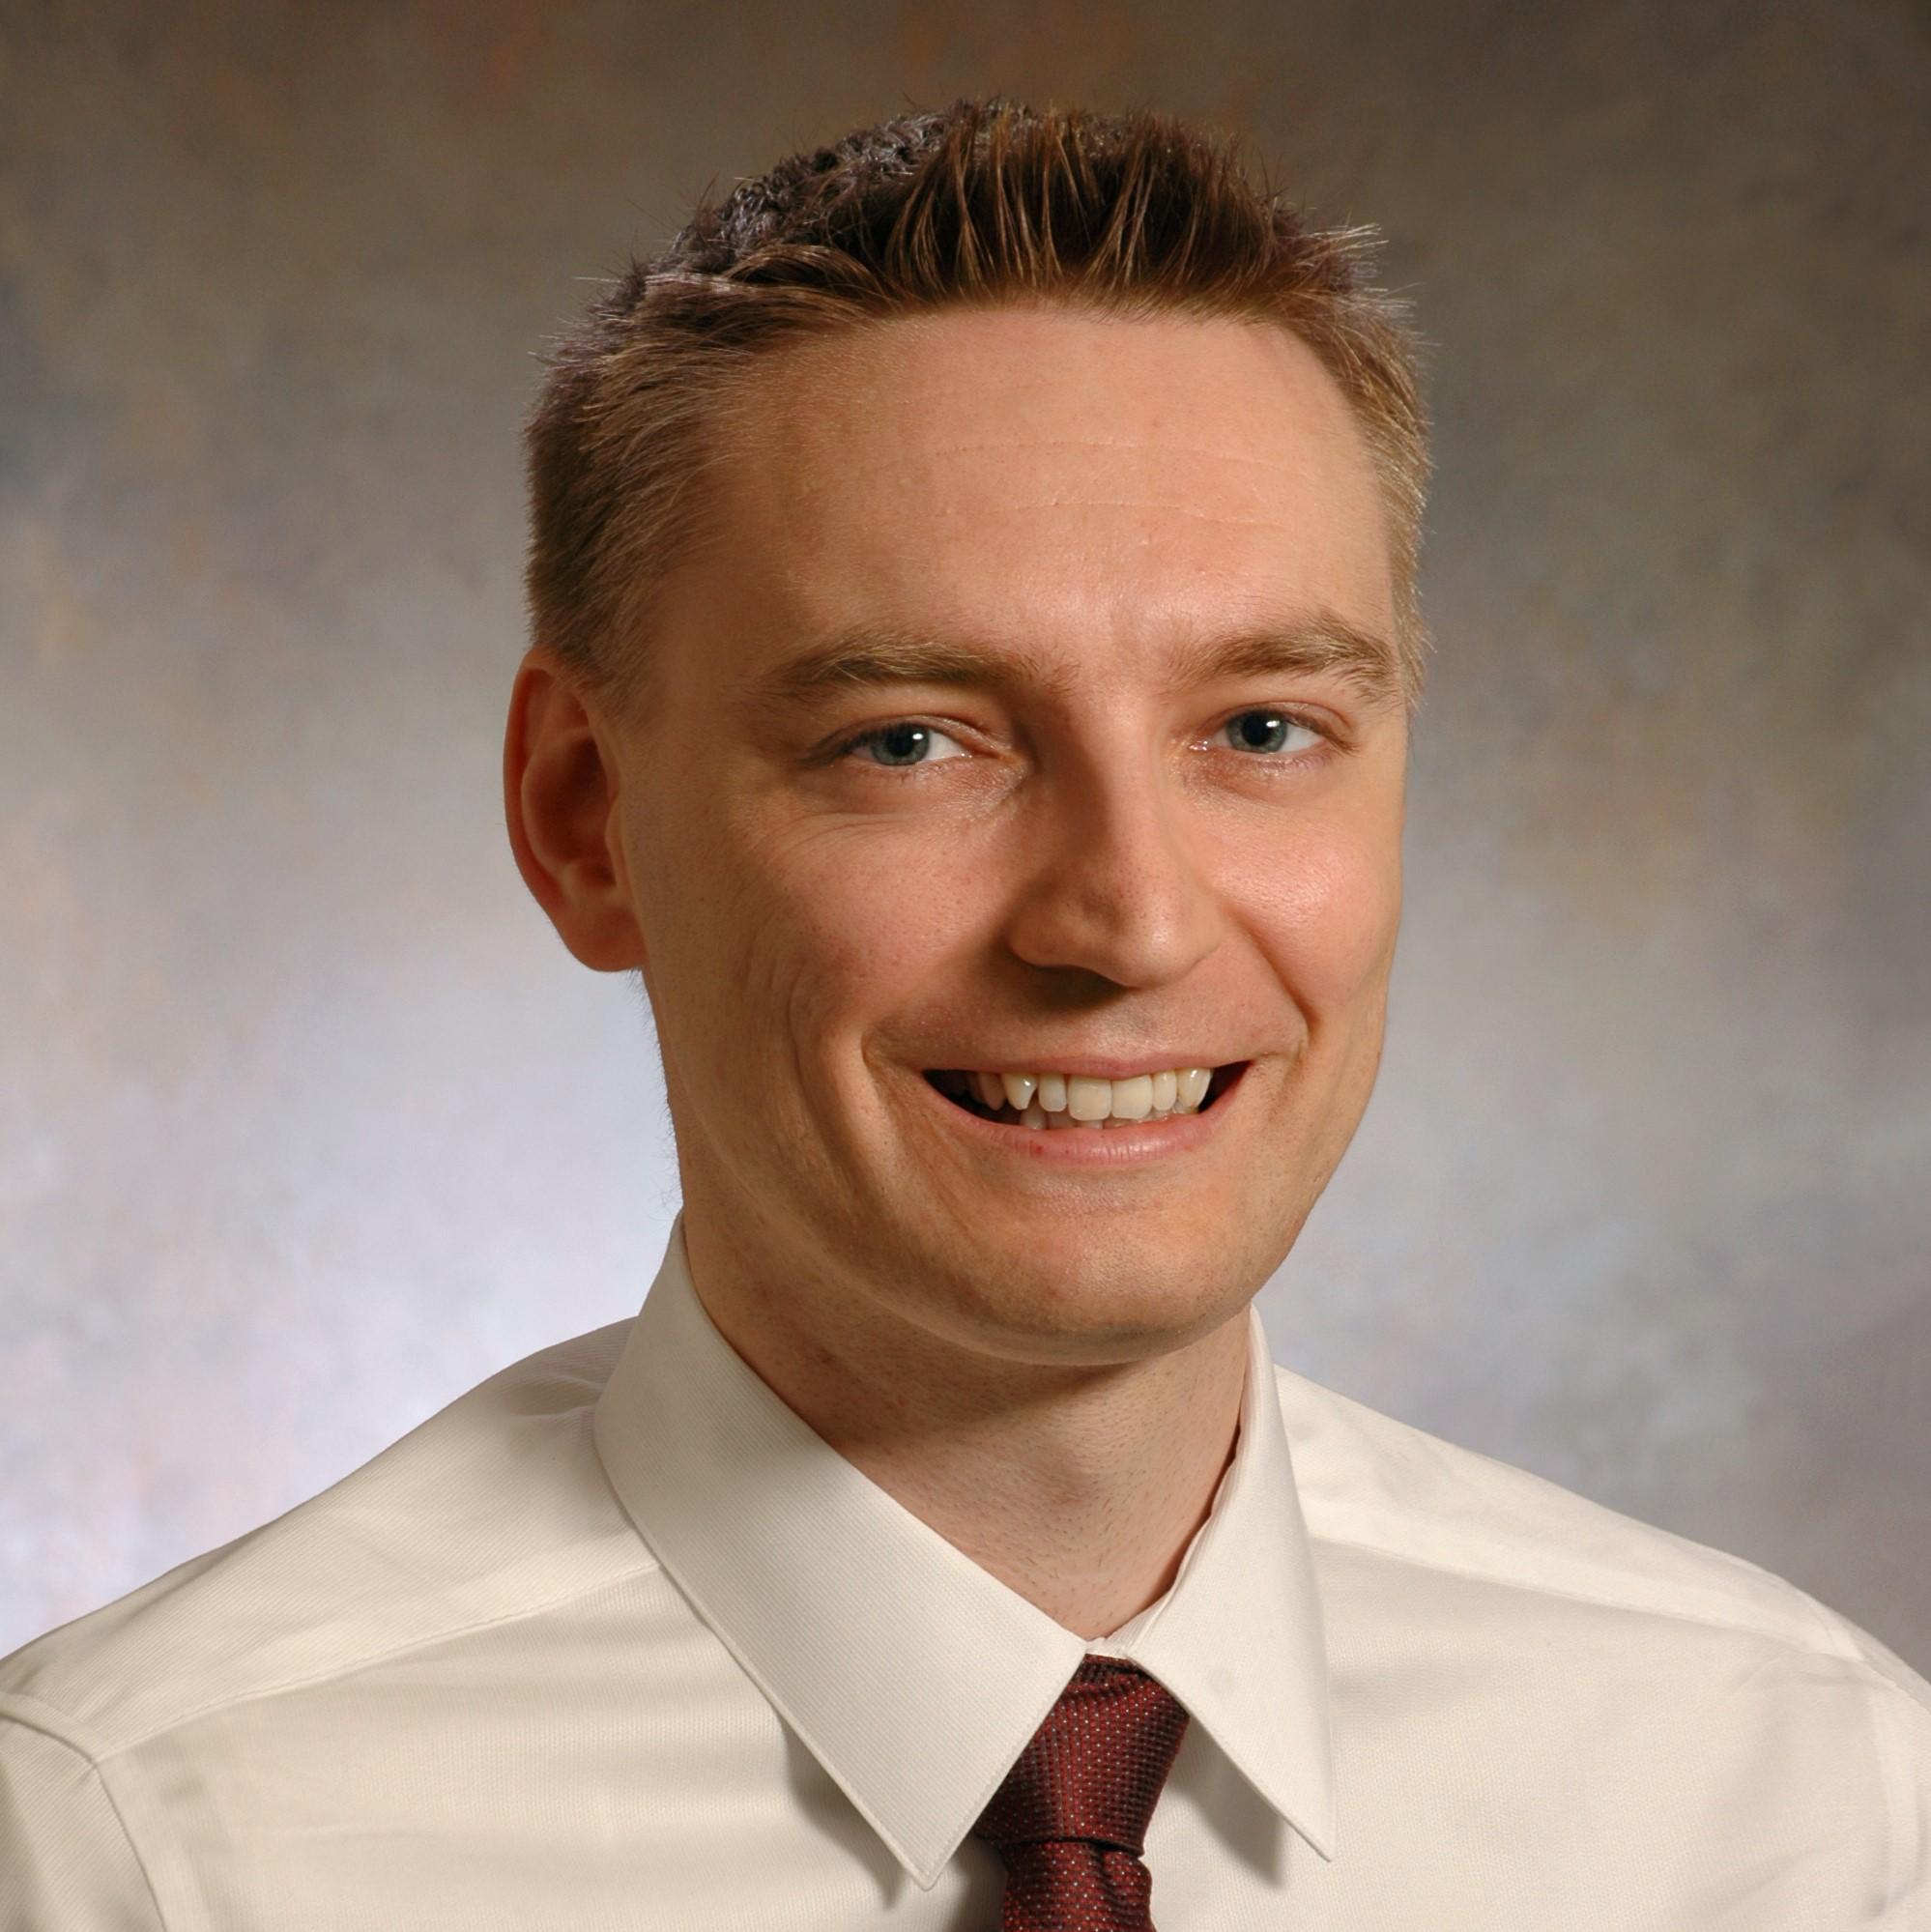 Fabrice Smieliauskas, PhD